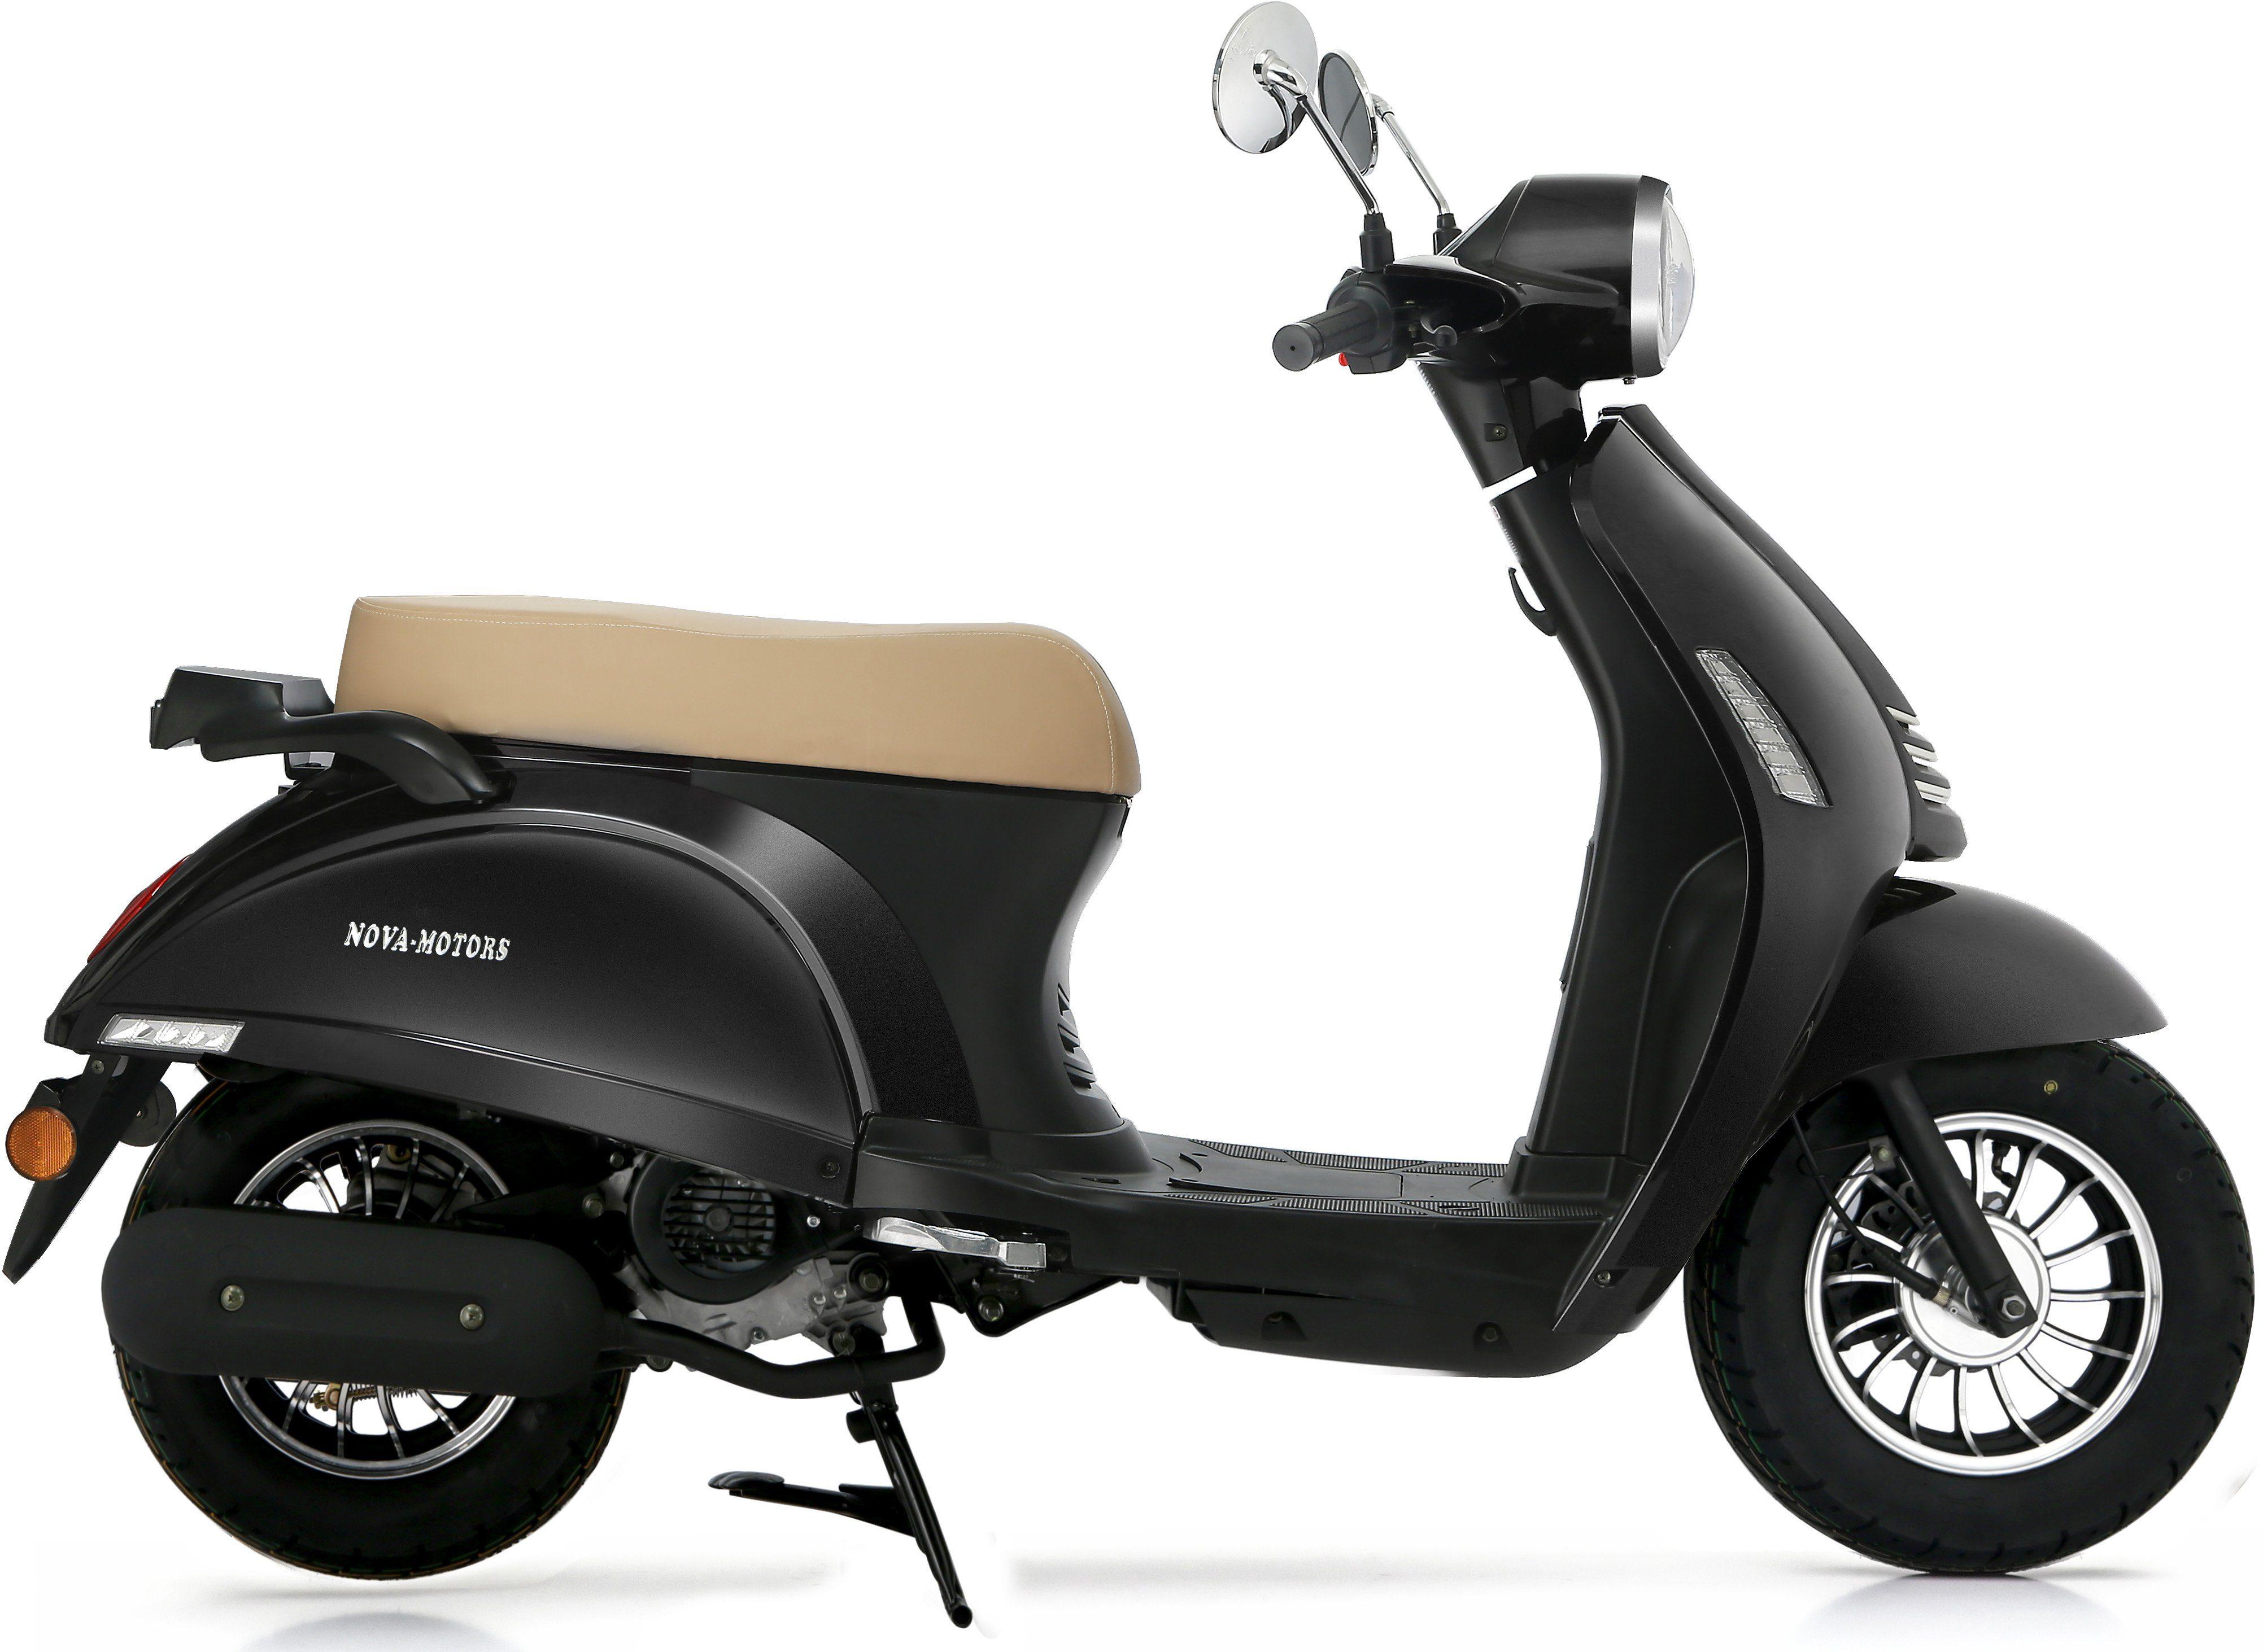 Nova Motors Motorroller, 49 ccm, 45 km/h, schwarz, »Grace«